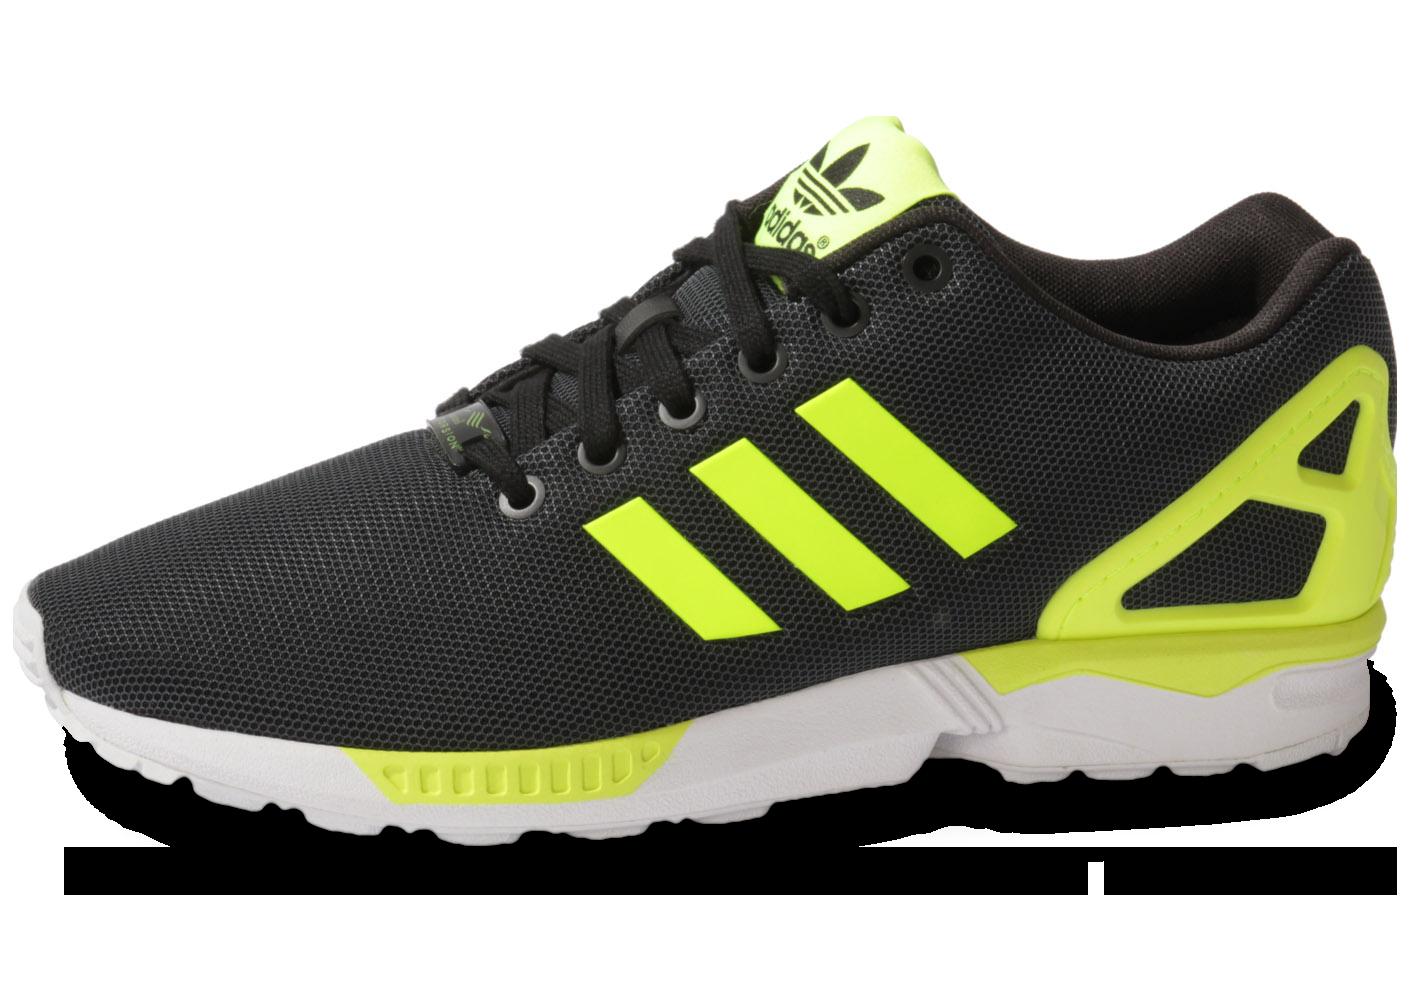 adidas zx flux noir et jaune